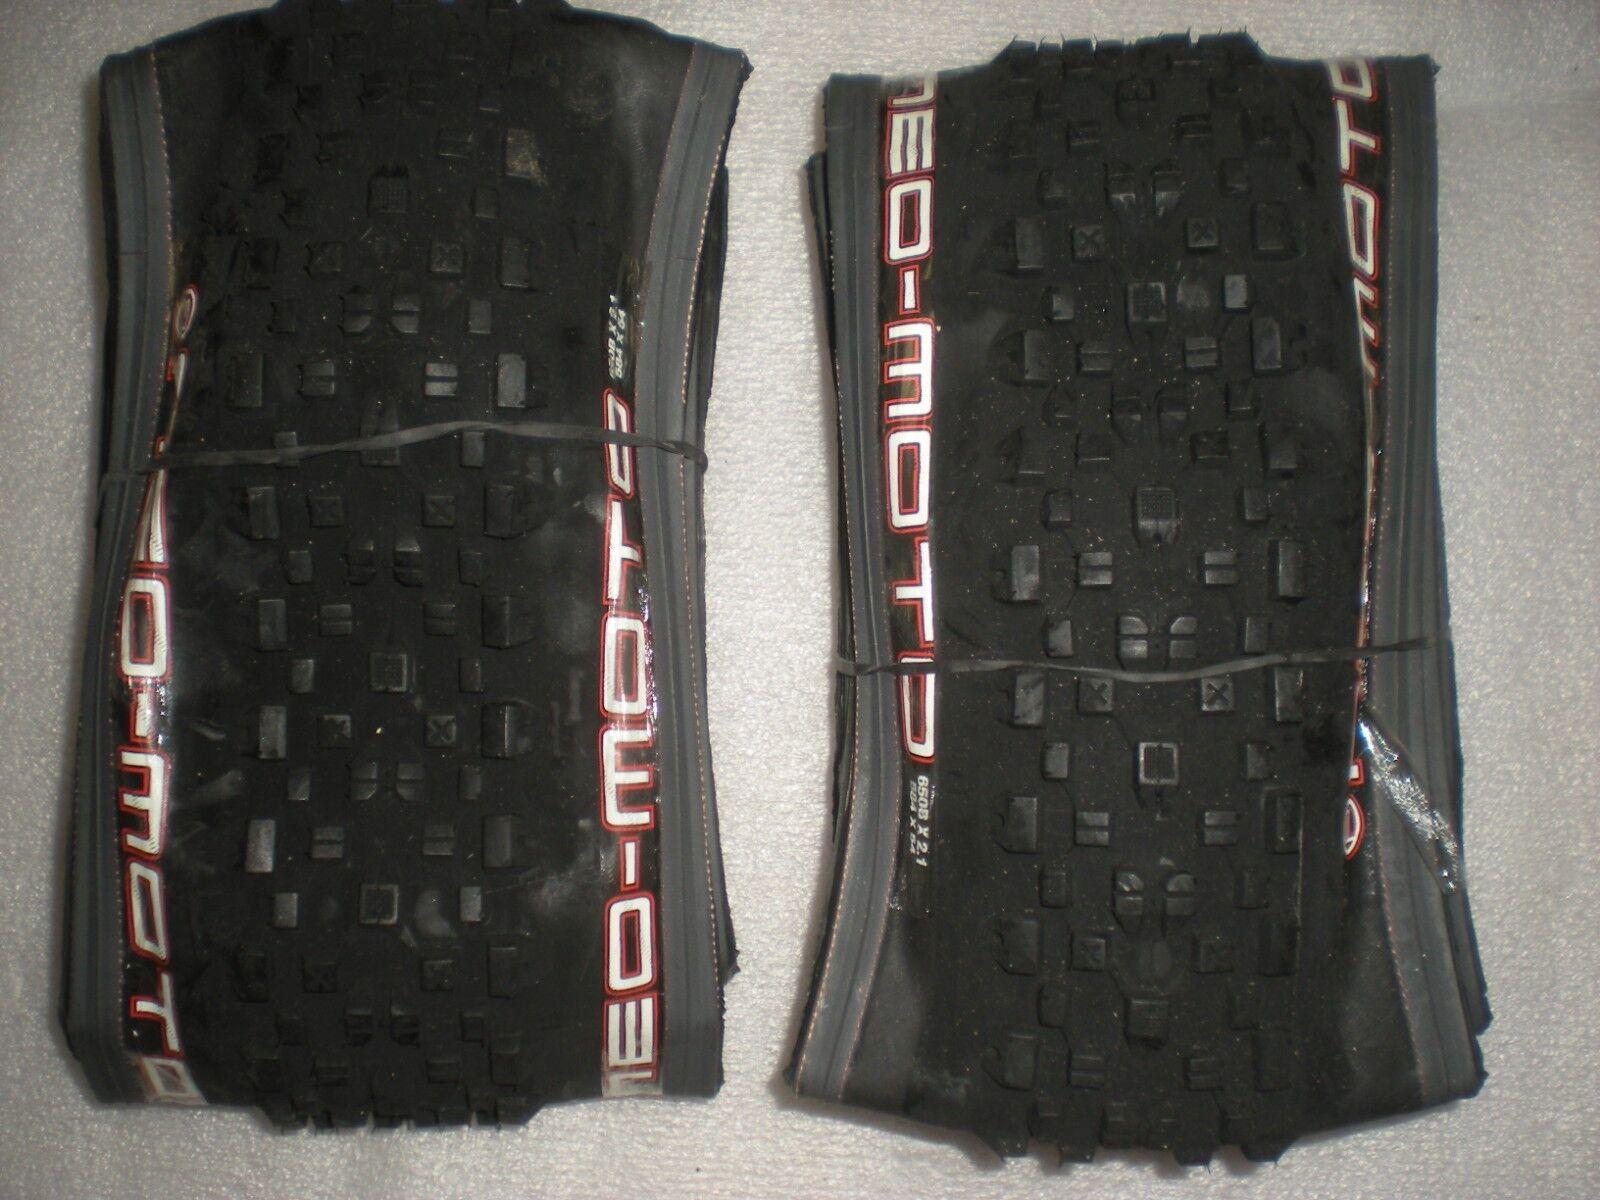 Panaracer Pacenti par de Neo Moto 27.5 X 2.1  grano Plegable Neumáticos Negro Nuevo